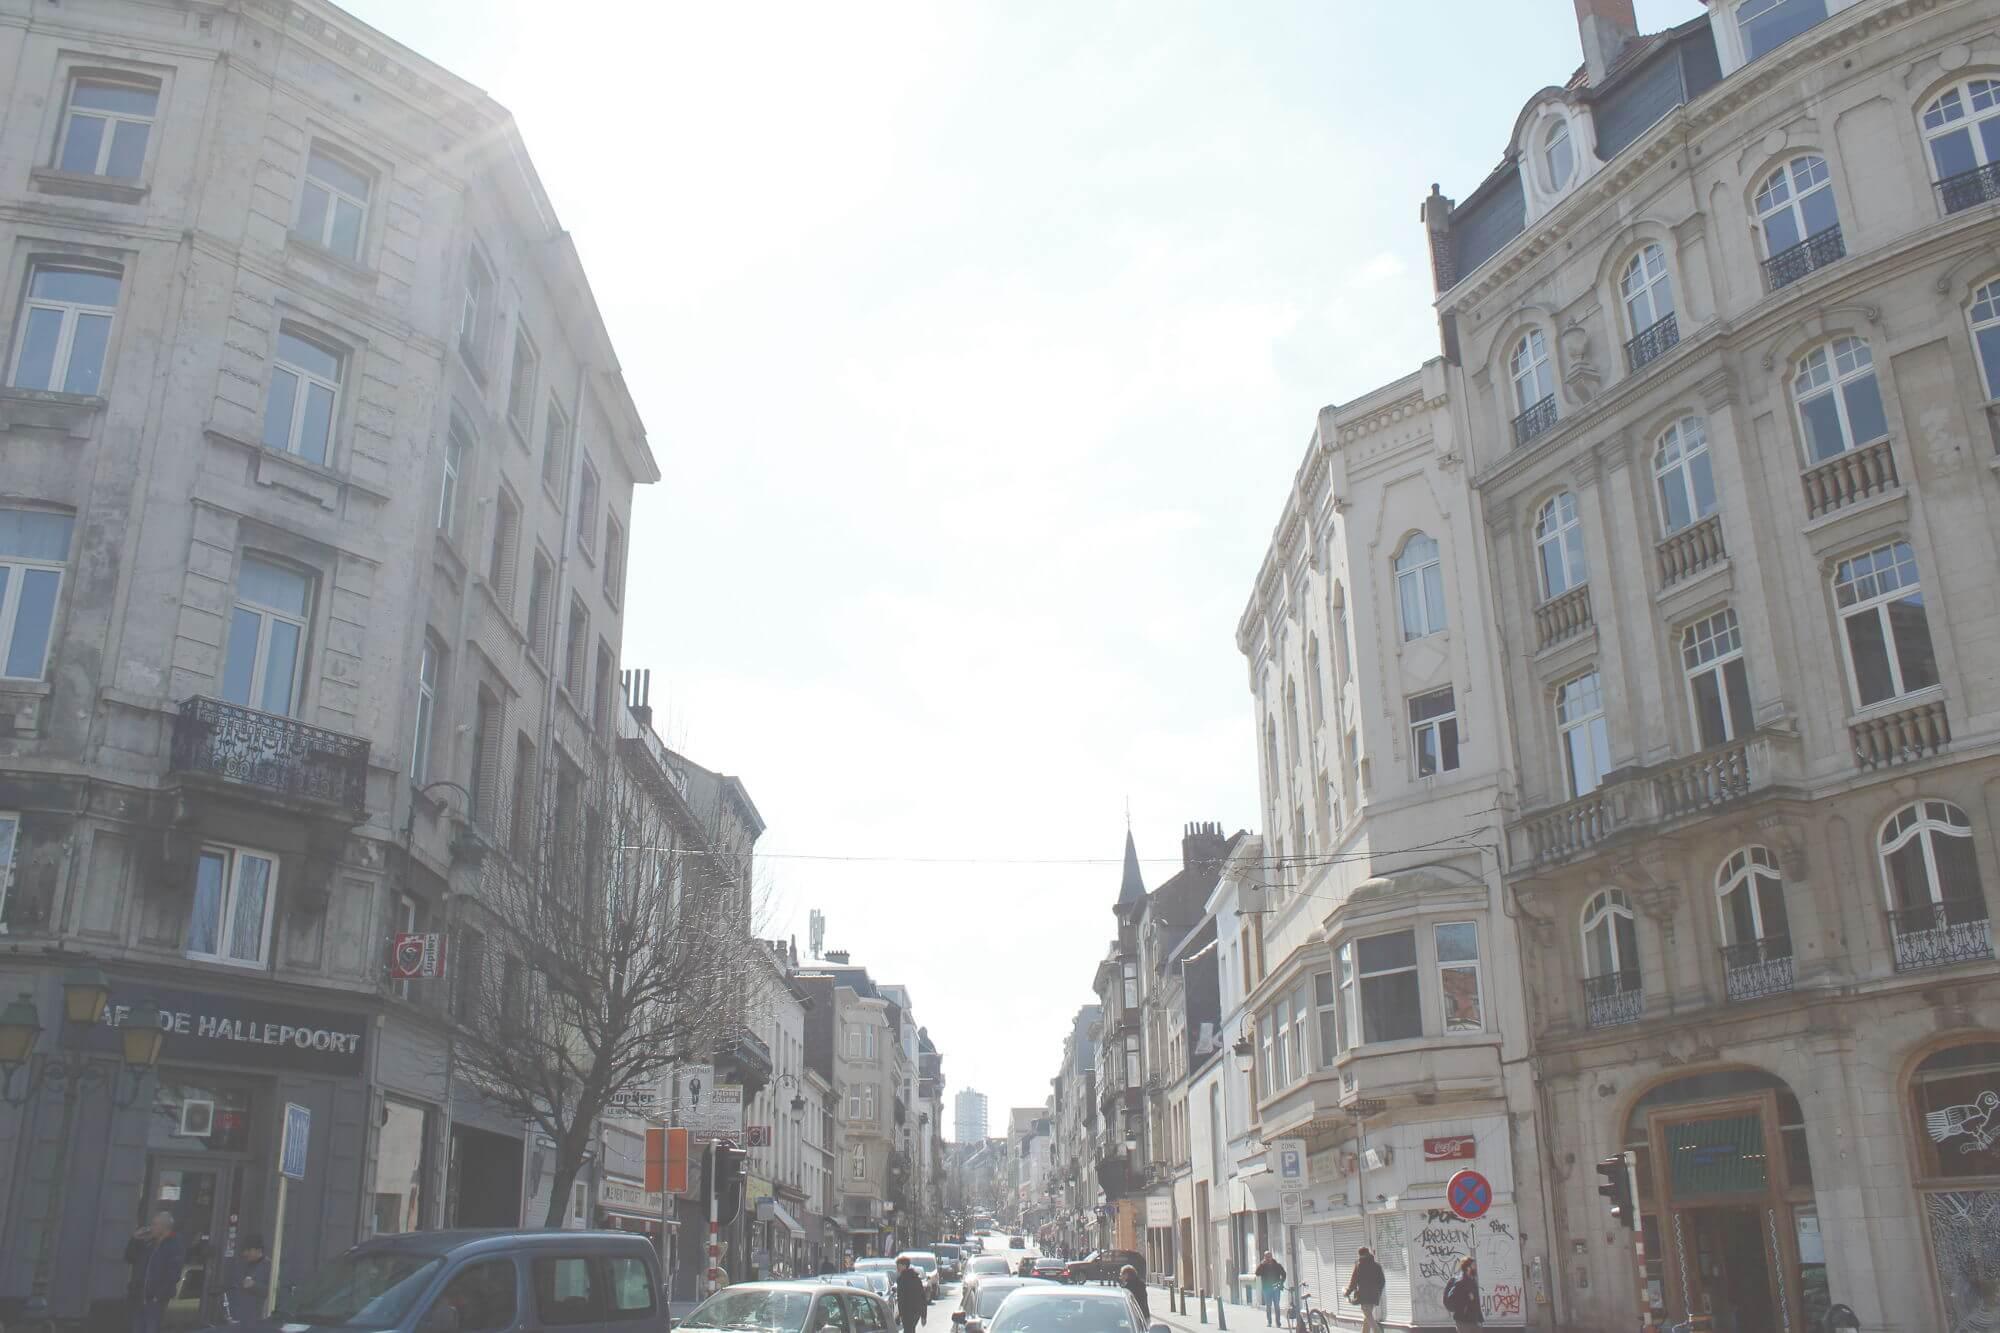 Straße mit alten Häuserfassanden in Saint Gilles, Brüssel, Belgien